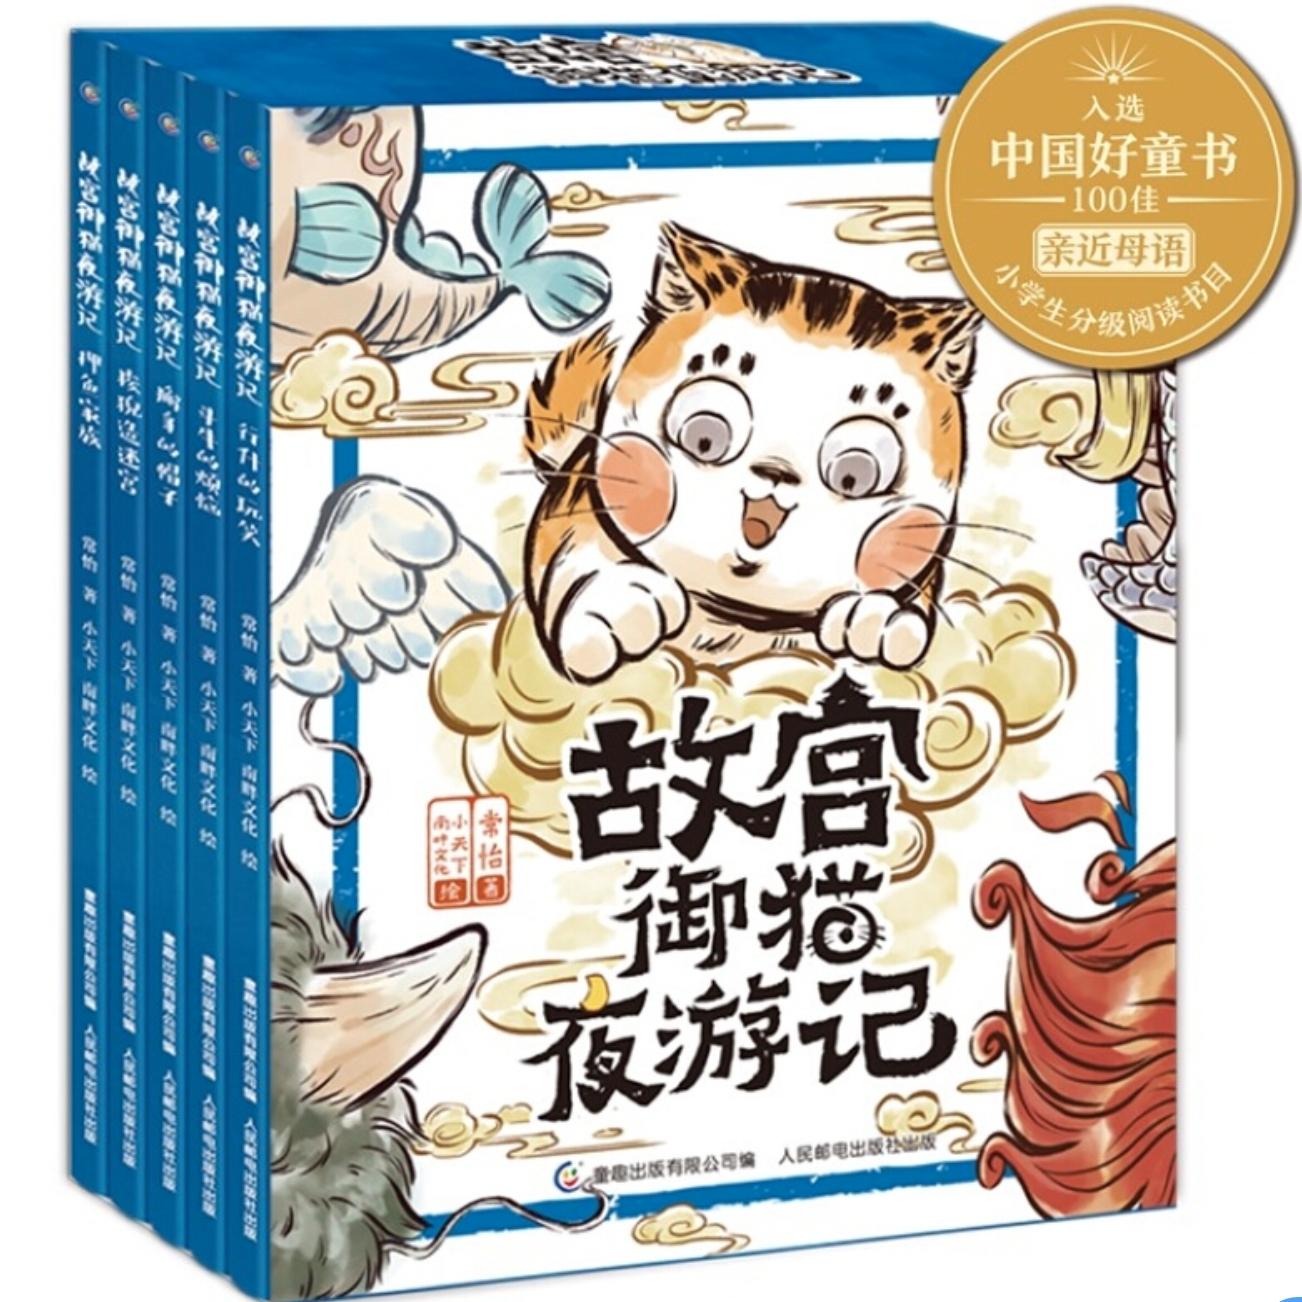 《故宫御猫夜游记》(6-10套装)